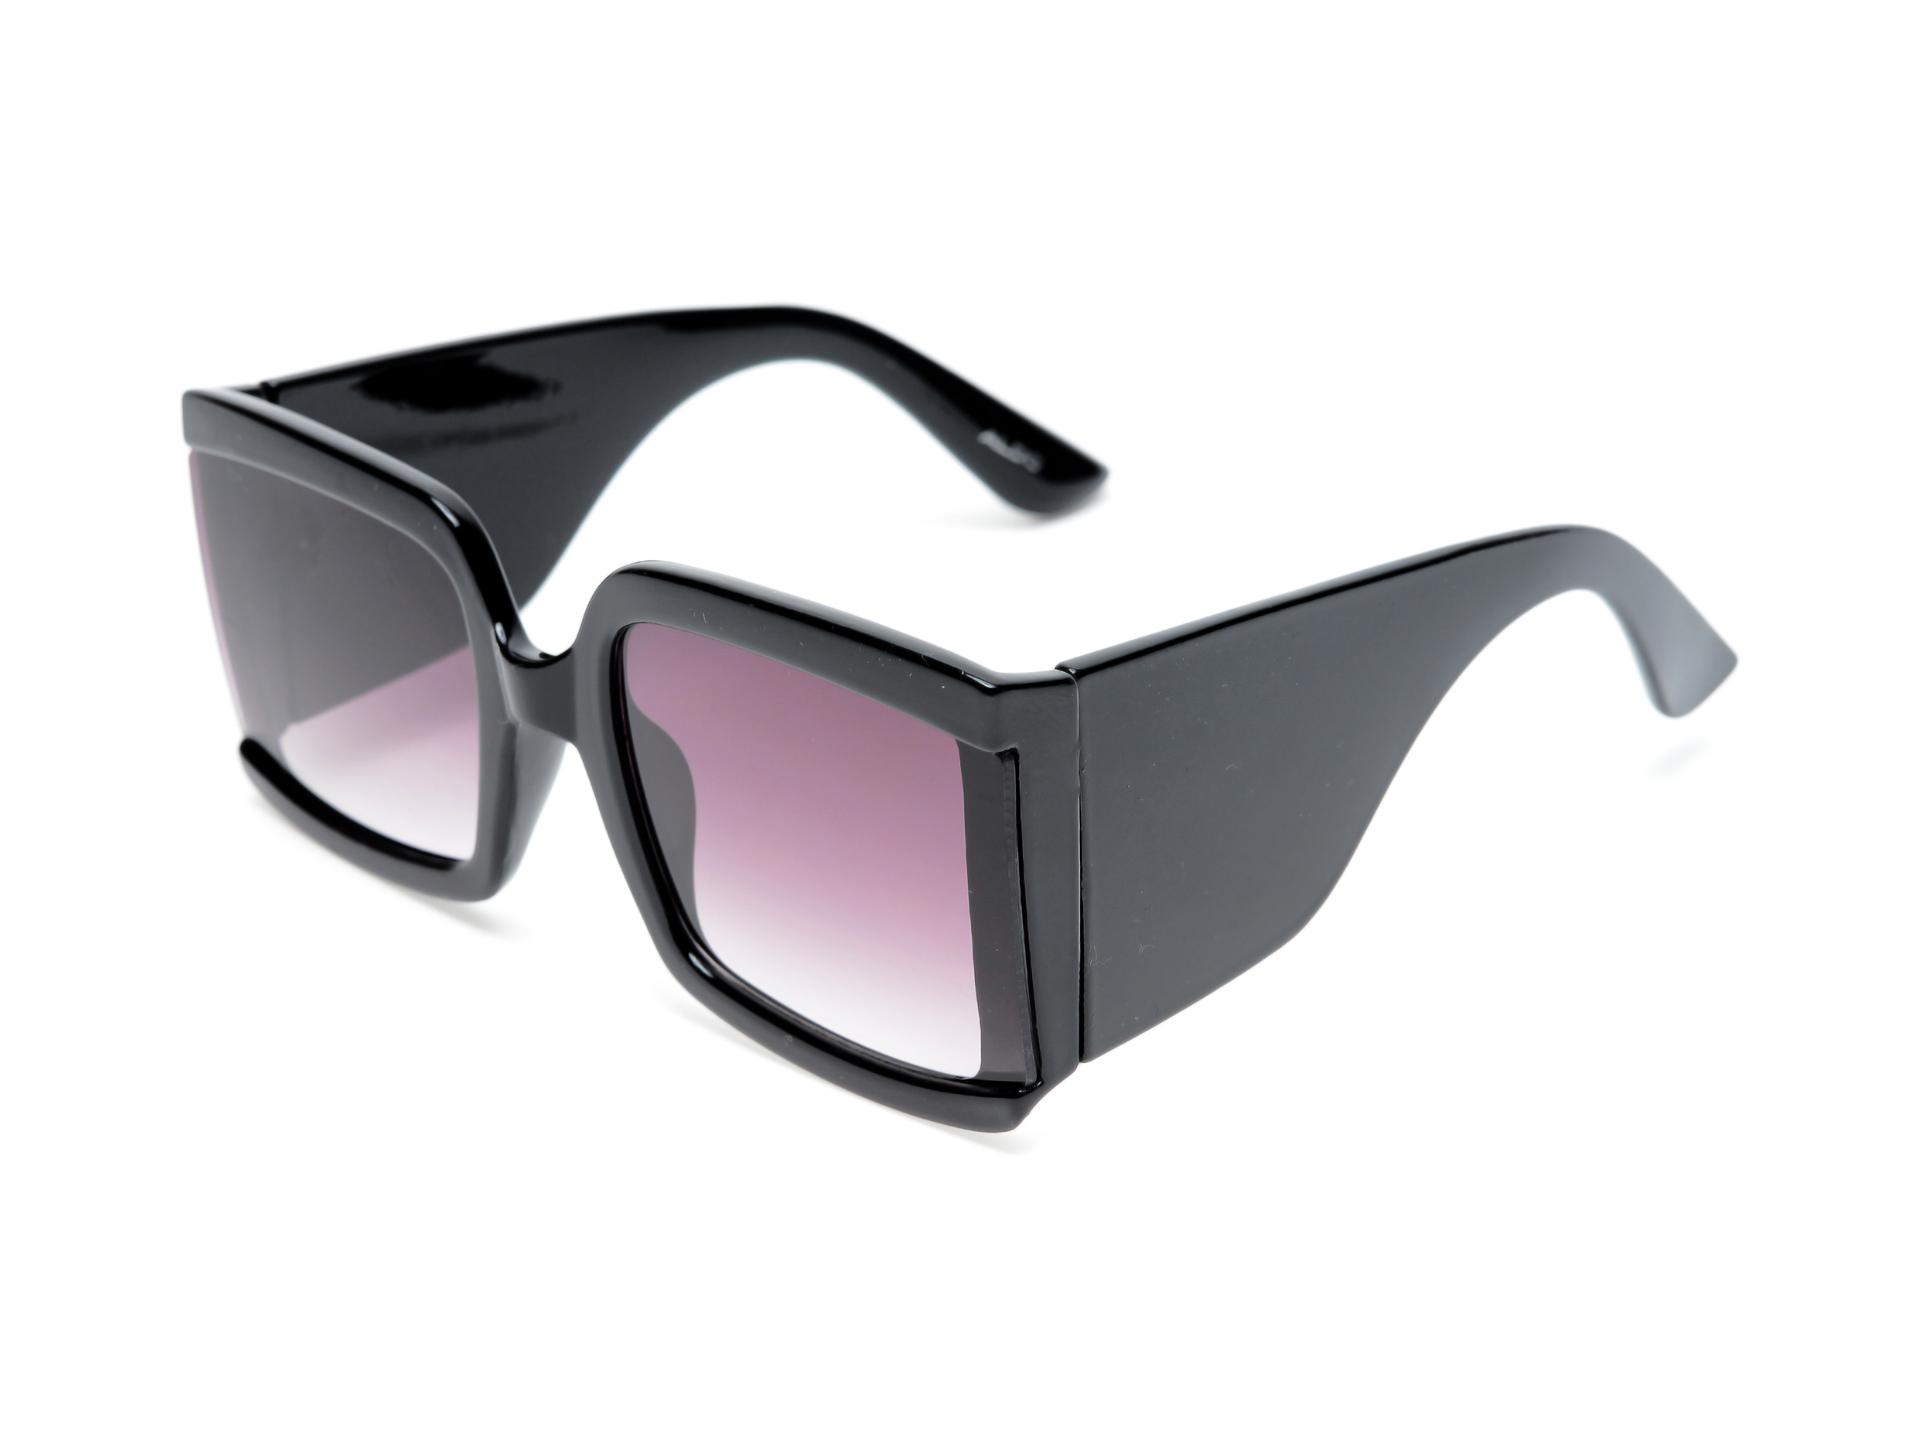 Ochelari de soare ALDO negri, Renchen001, din pvc imagine otter.ro 2021